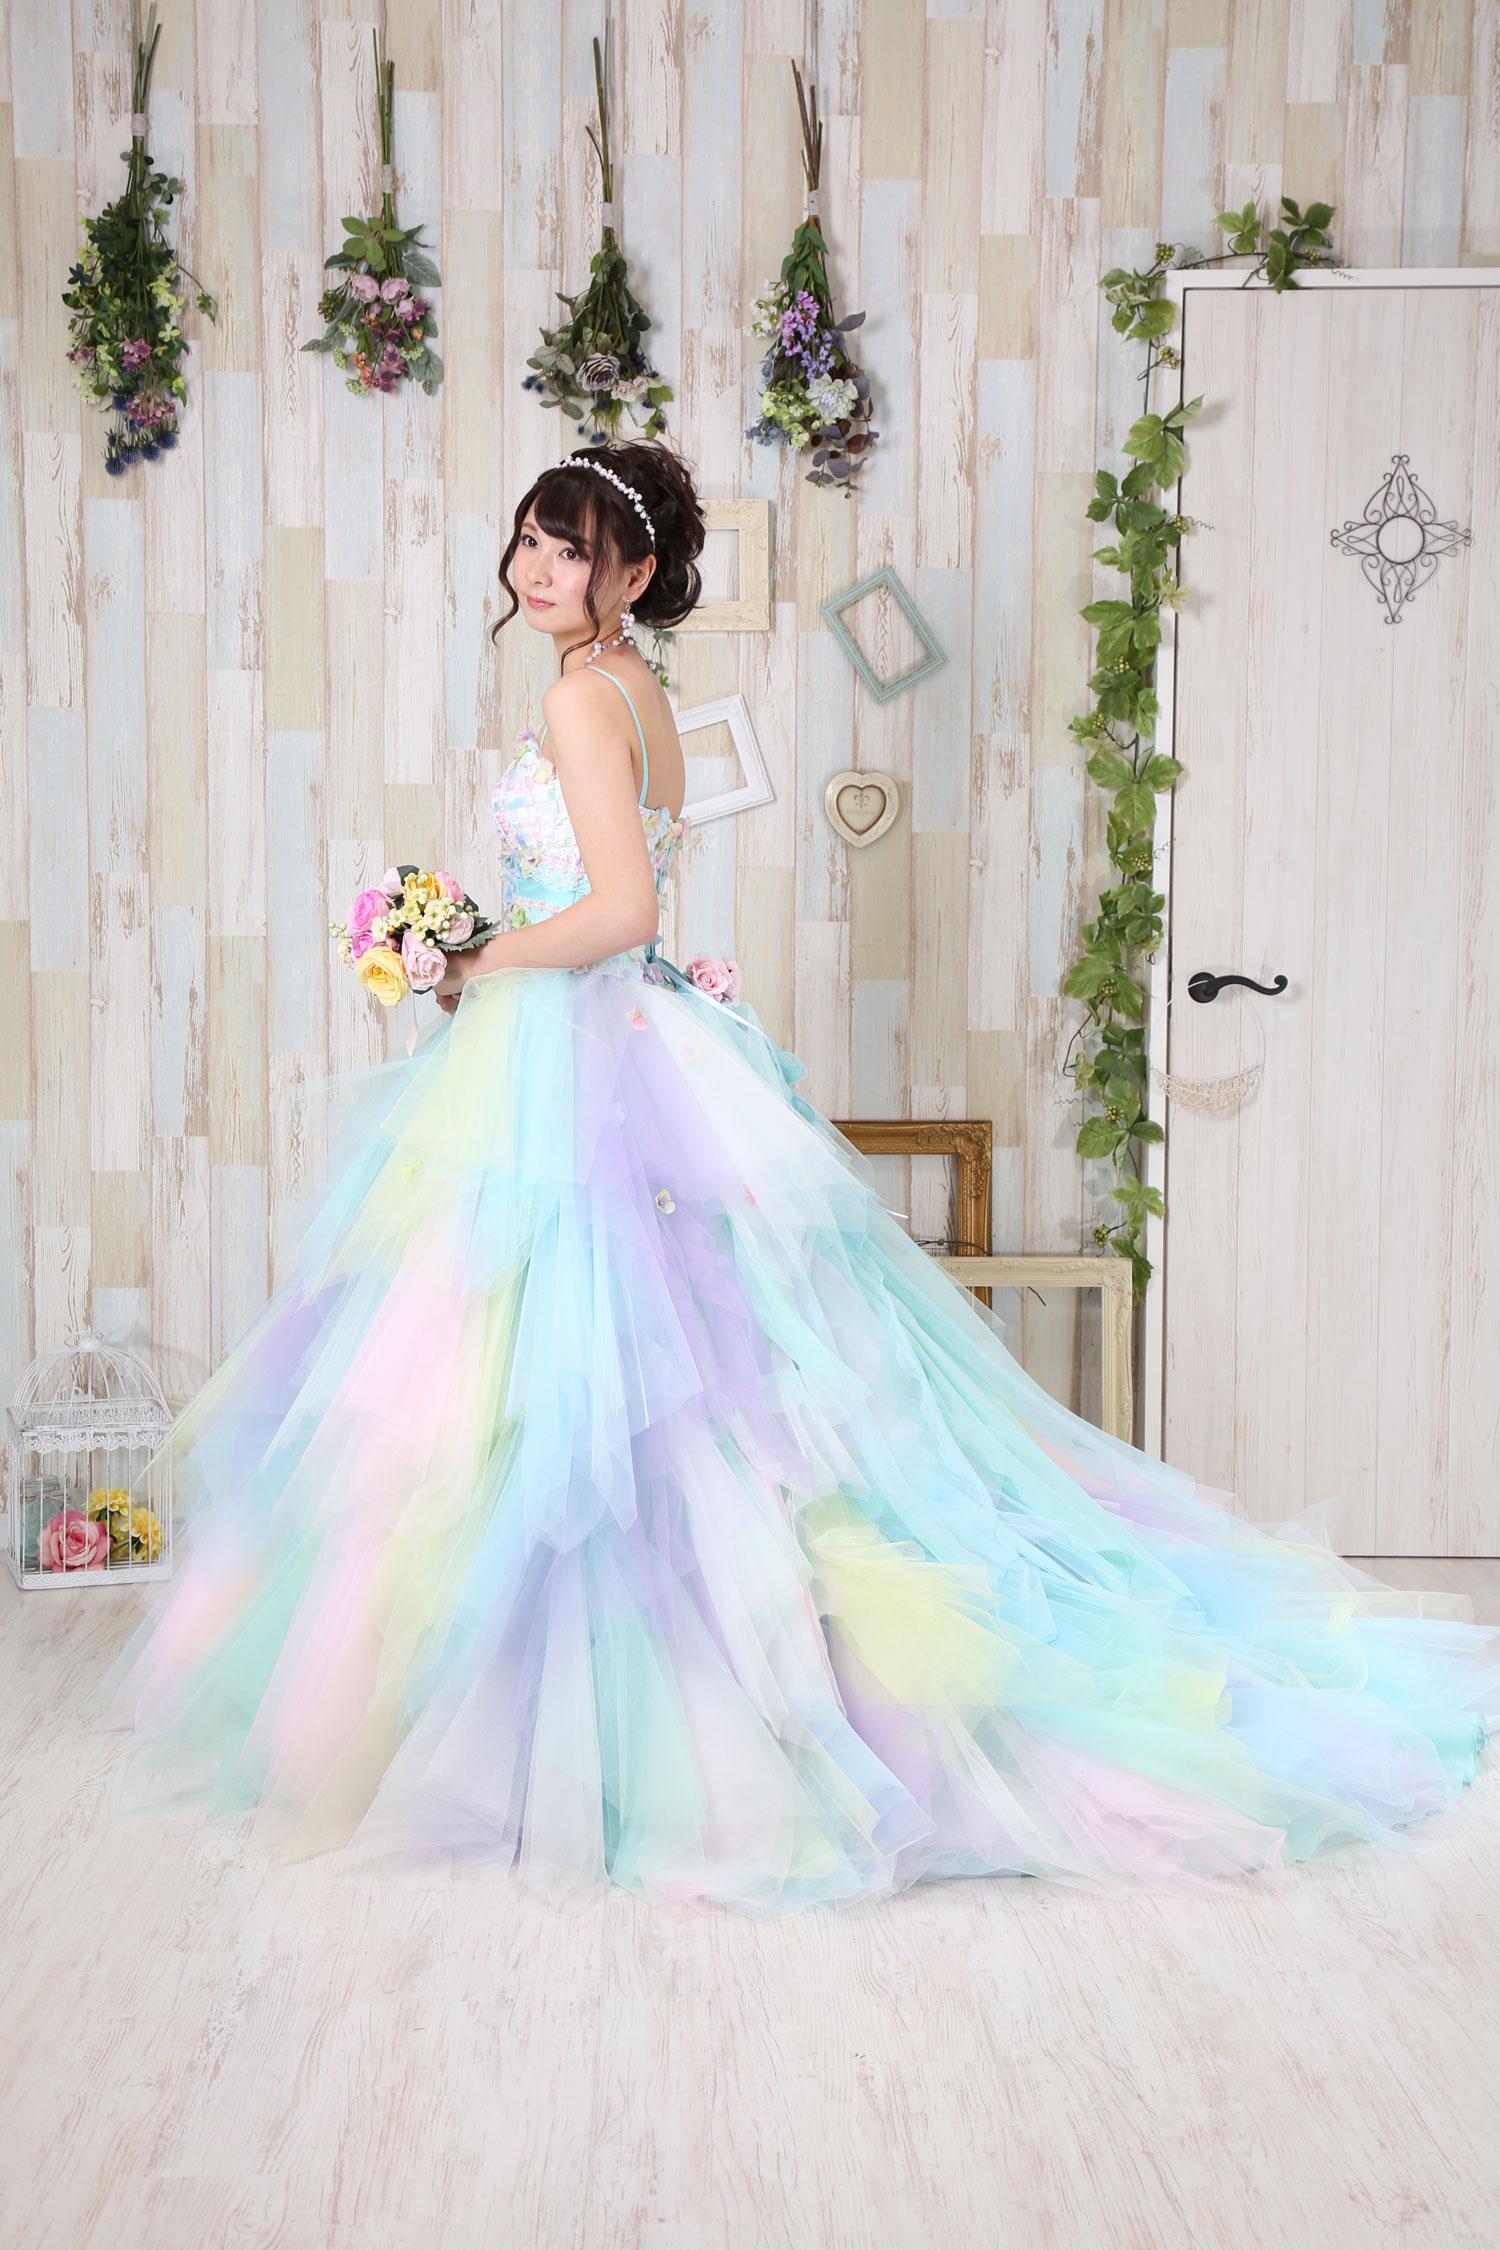 ★20180211-ドレス衣装撮影_158